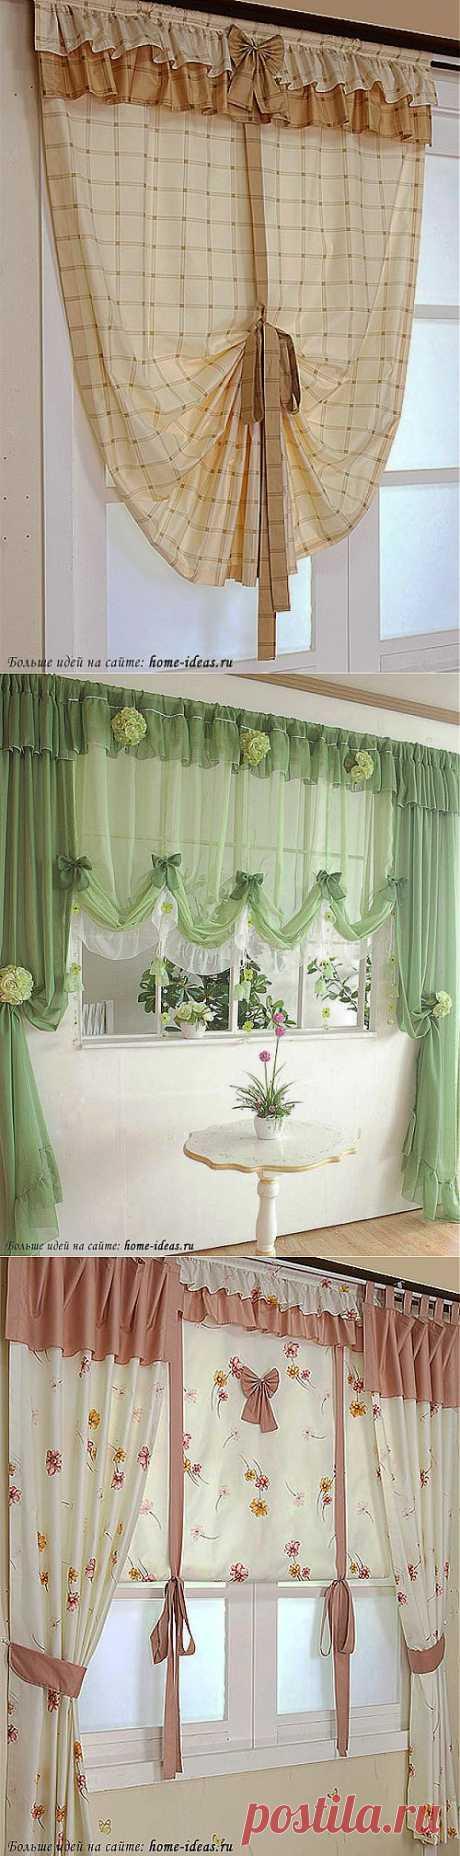 Красивые шторы для кухни (фото)